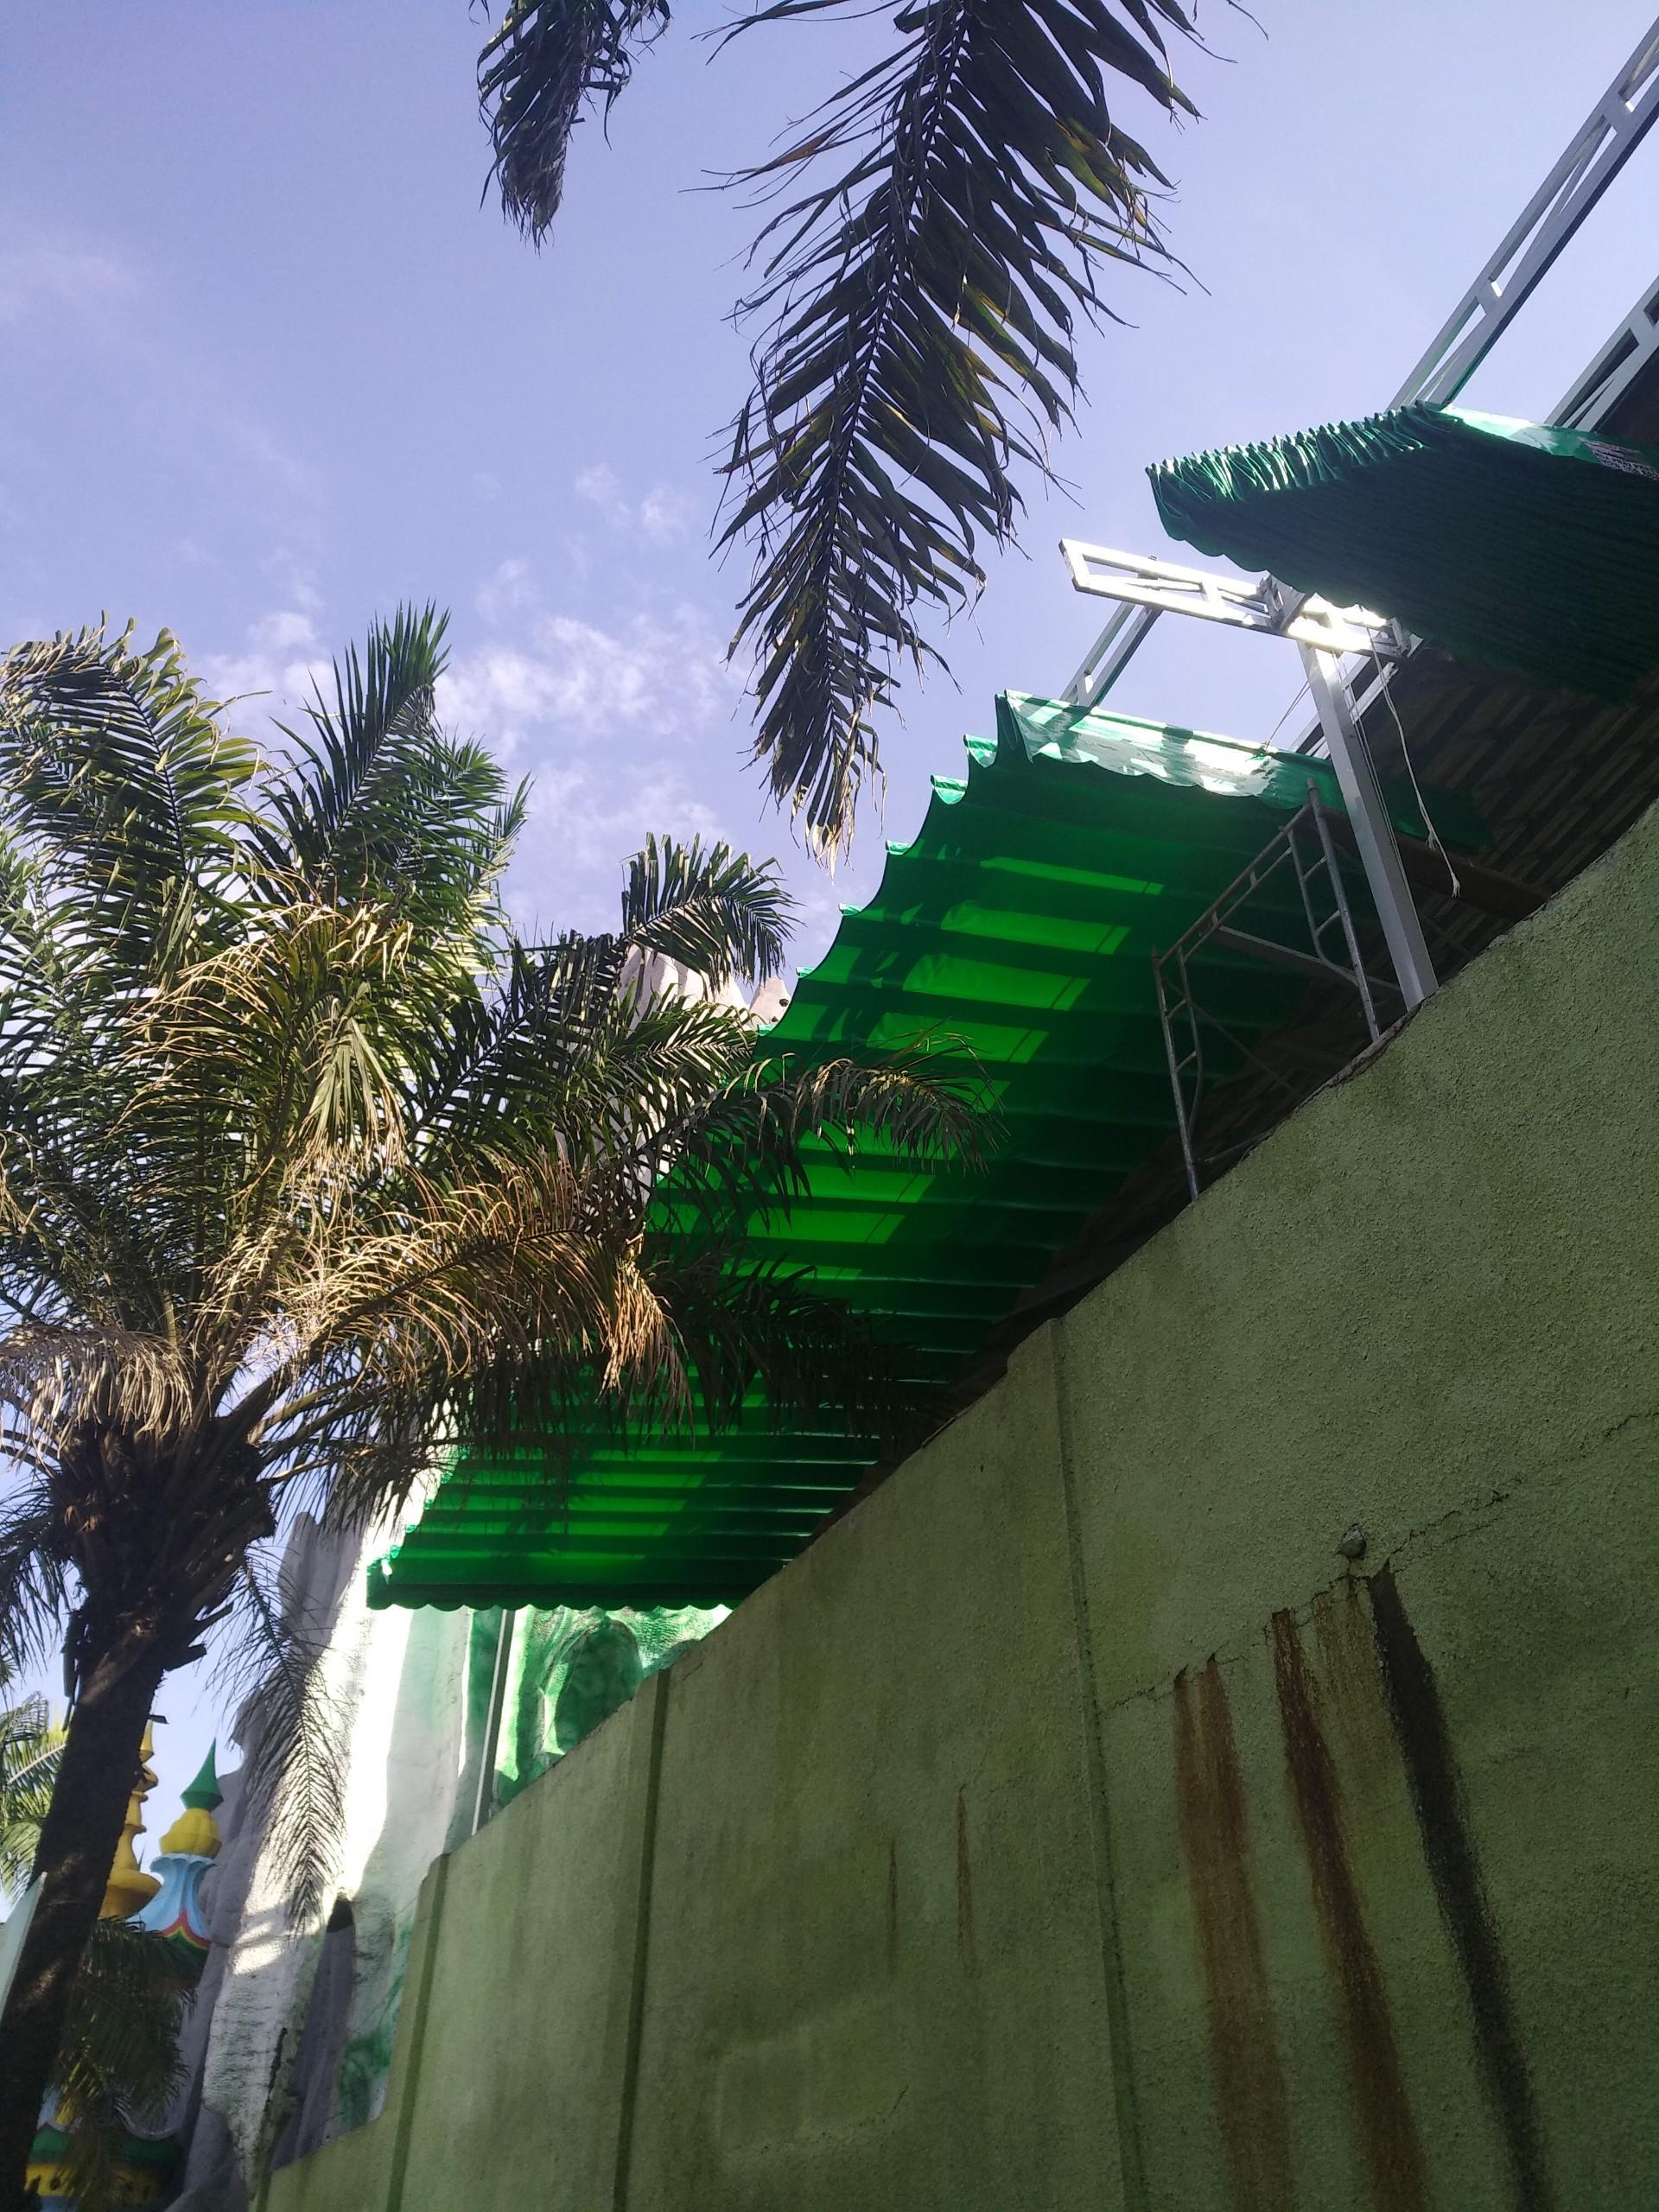 Lắp đặt mái che di động, mái bạt xếp, mái bạt lùa kéo sóng tại TPđông hà quảng trị